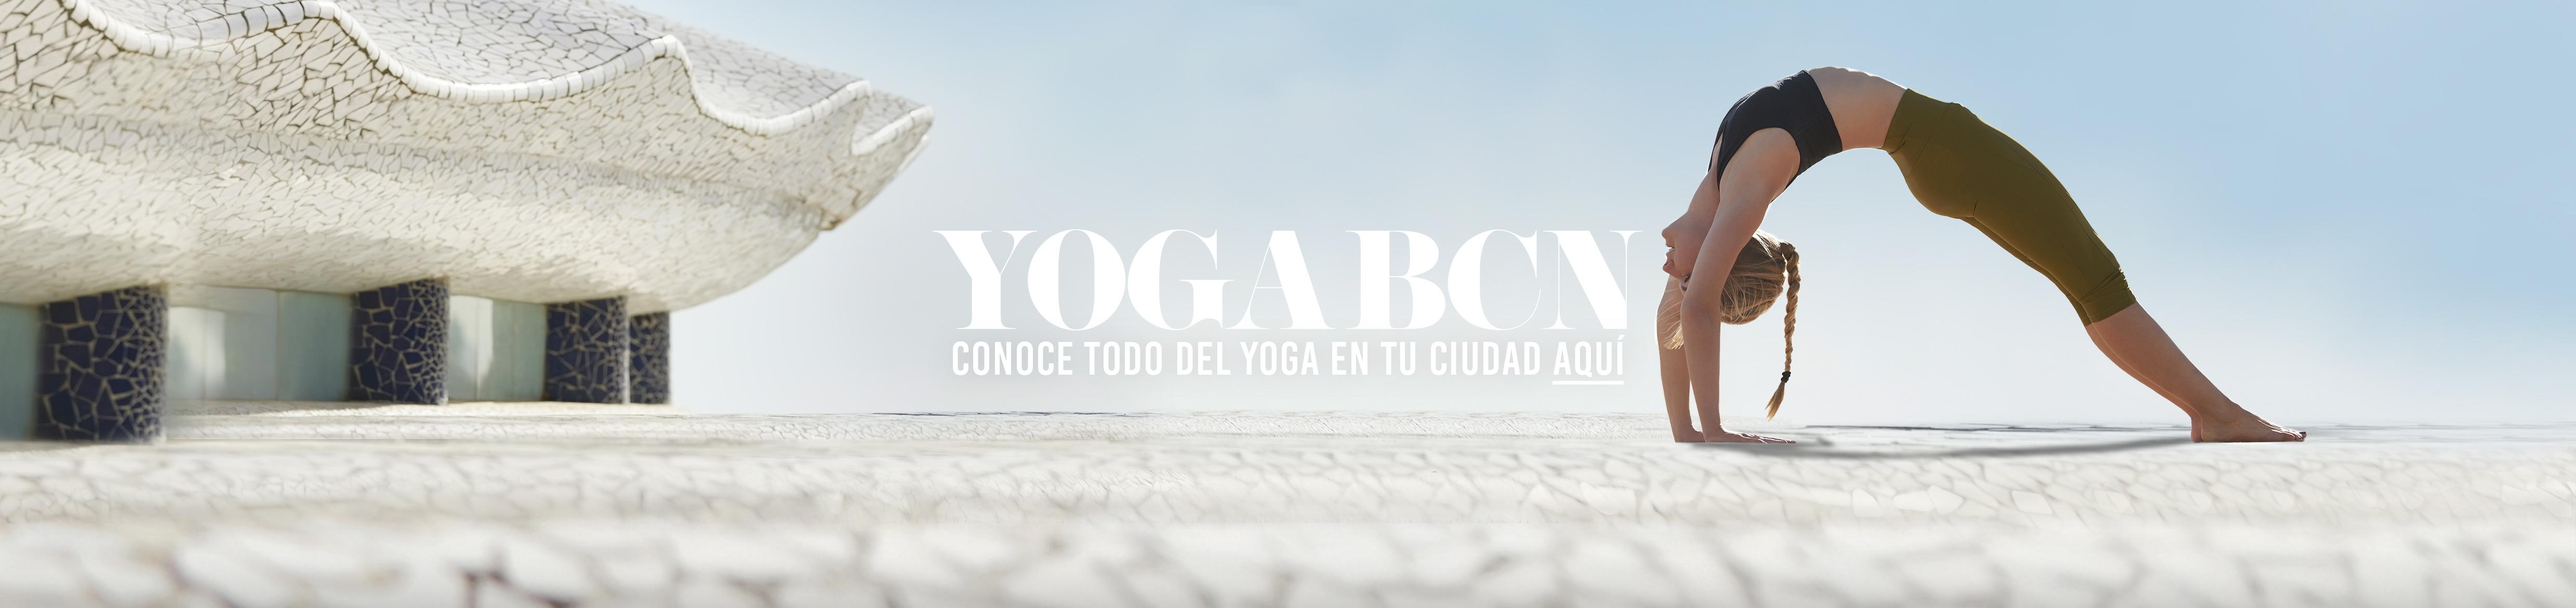 BANNER_YOGA_ACCESO_CENTROS_BCN_V2